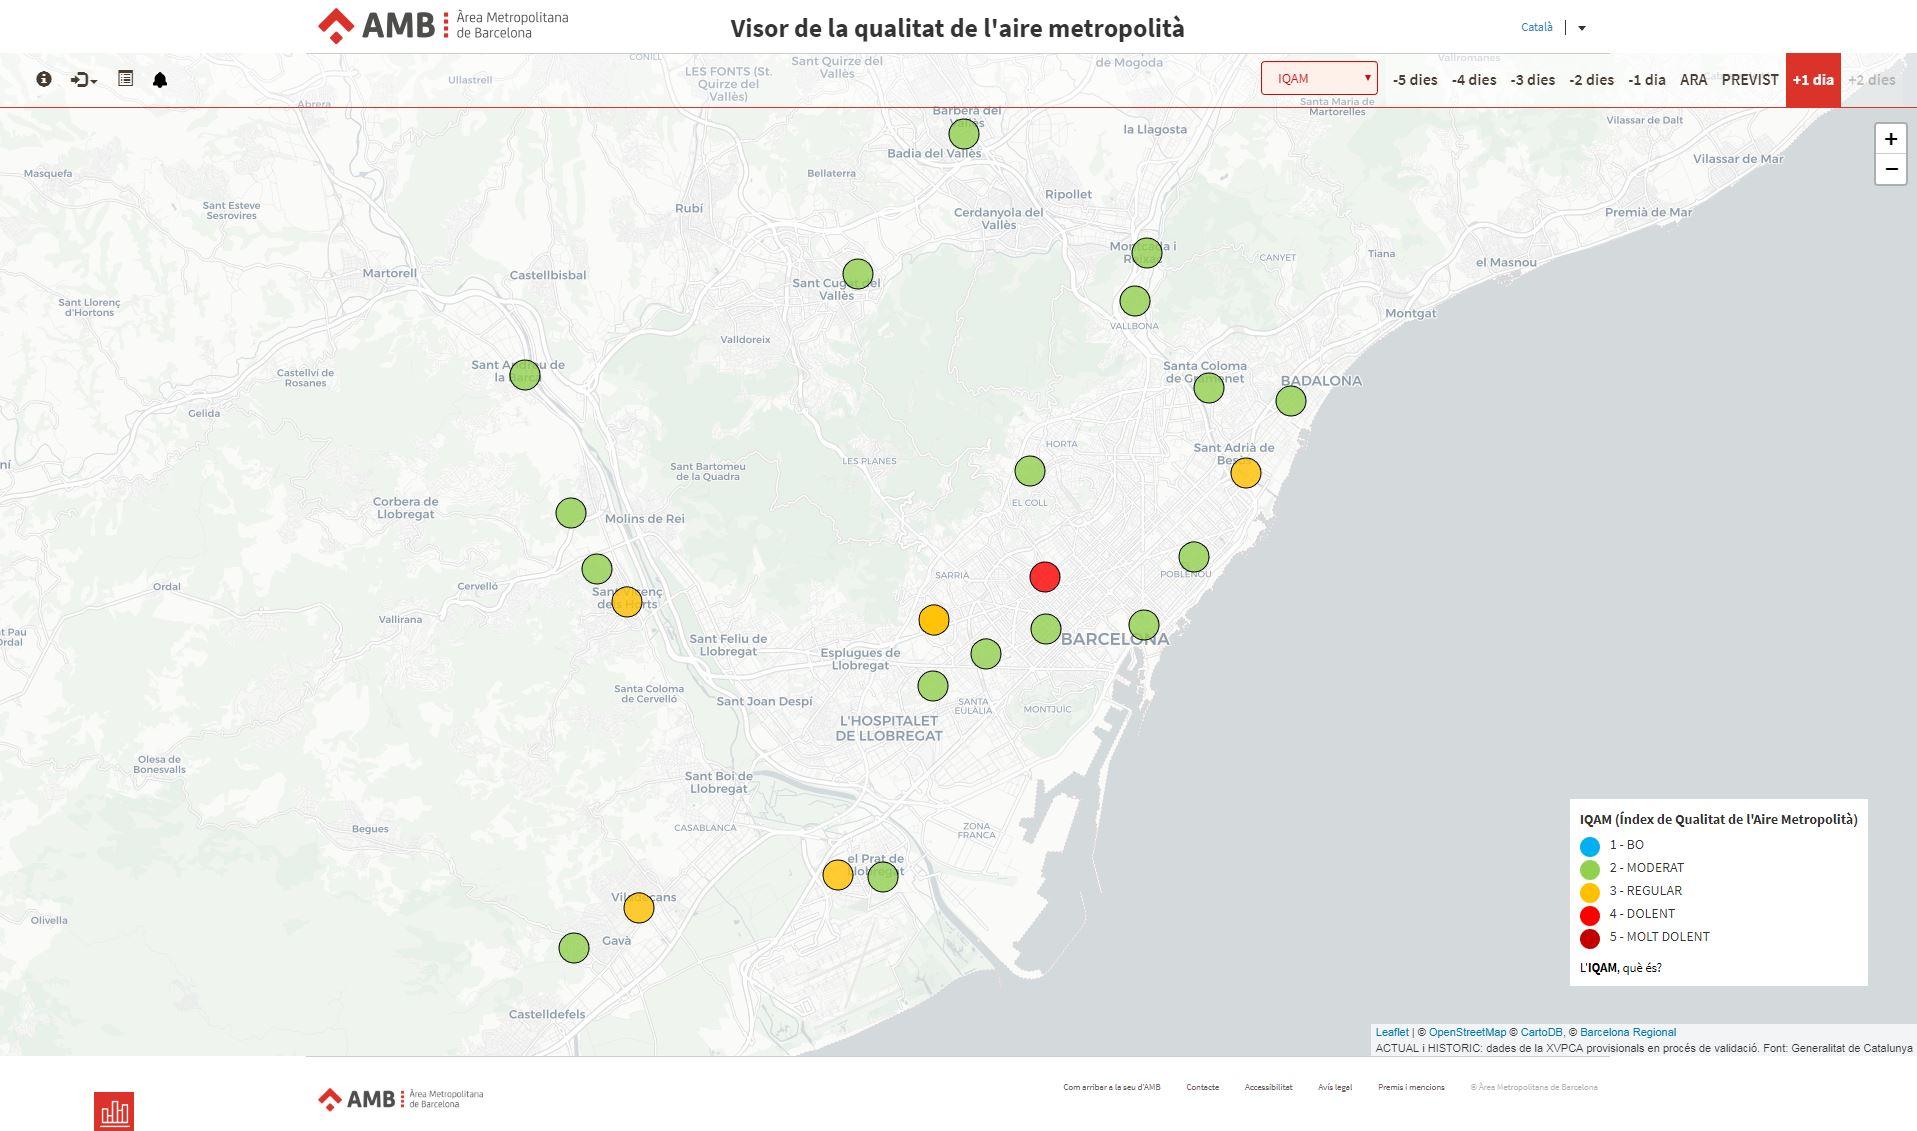 Barcelona Regional - Model de previsió de la qualitat de l'aire a l'Àrea Metropolitana de Barcelona